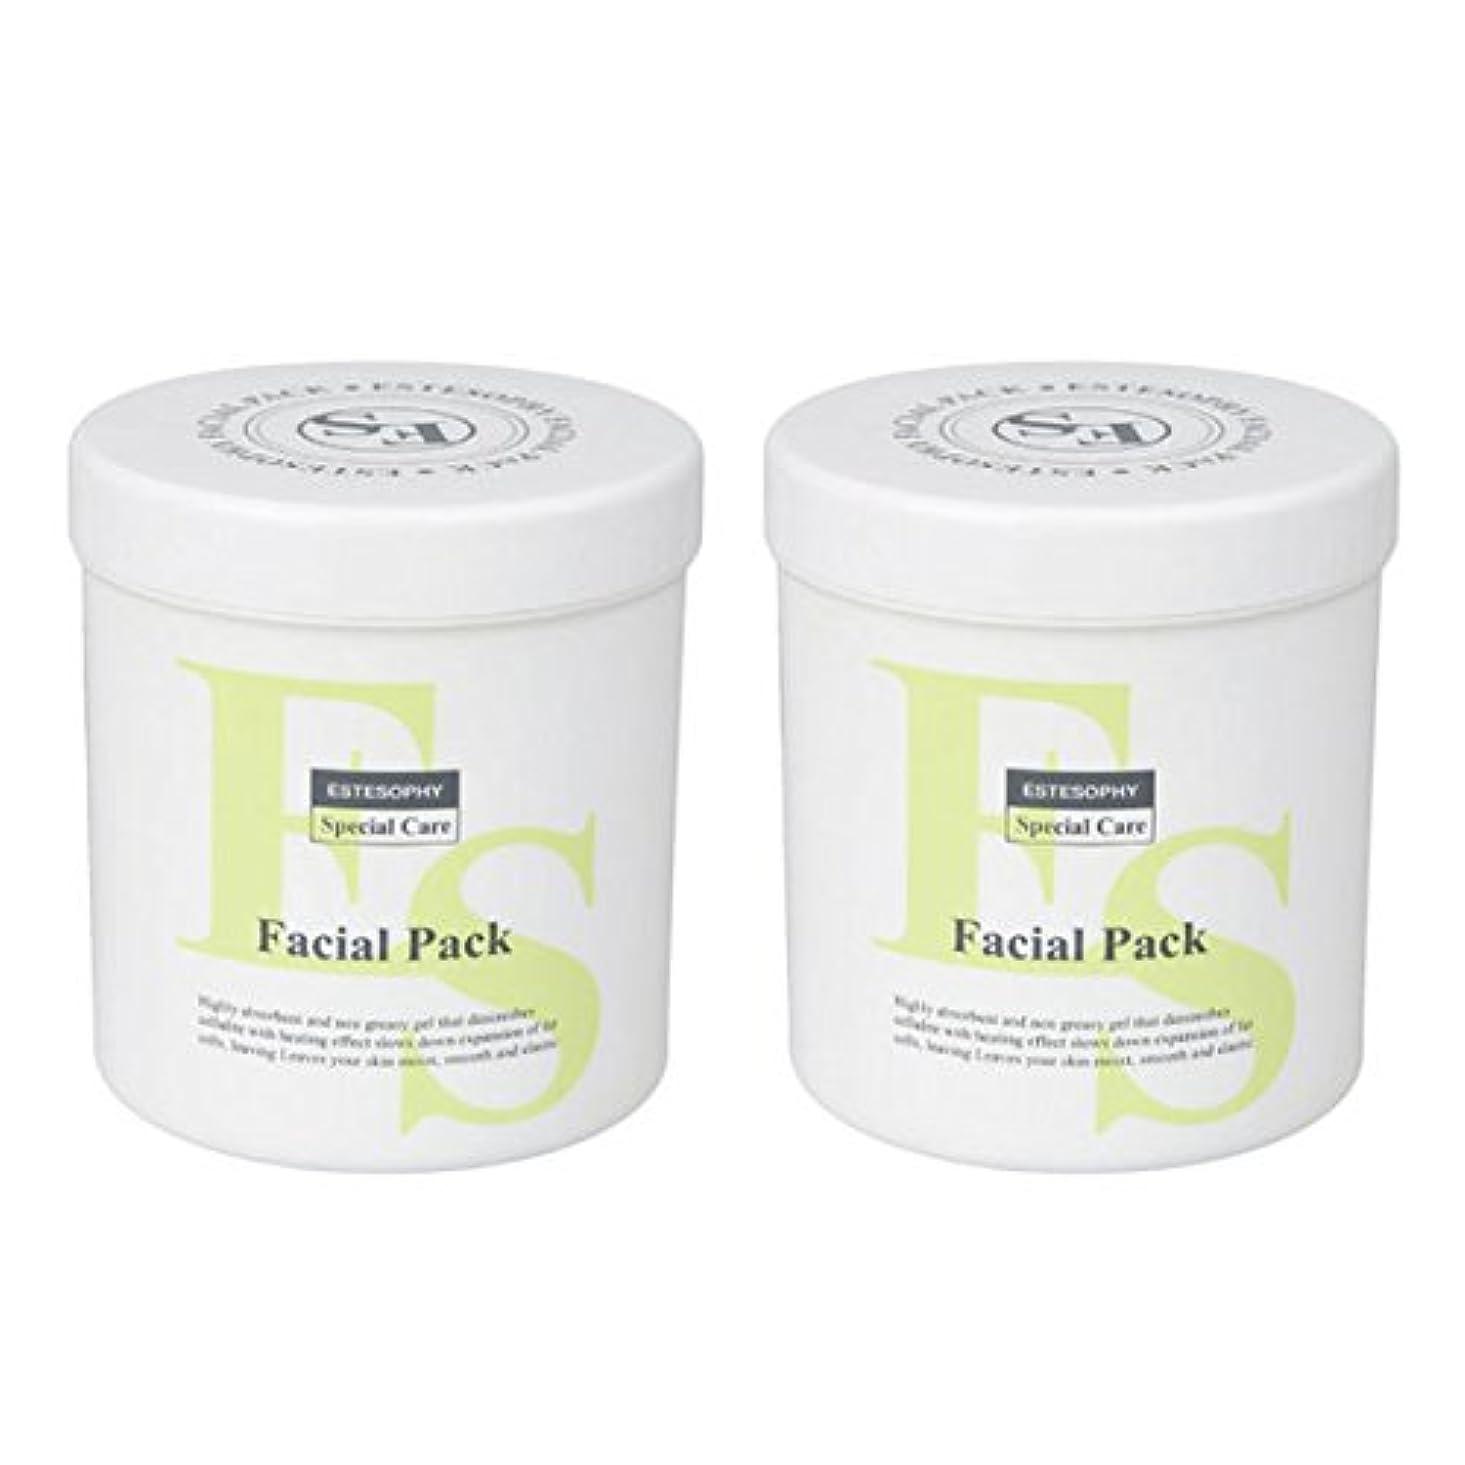 ゴール適合比率< エステソフィー> 酵素パック 粉末 (約30回分) 450g (2個セット) [ フェイスパック 酵素パウダー 酵素洗顔パウダー フェイスマスク フェイシャルパック フェイシャルマスク 顔パック 業務用 ]